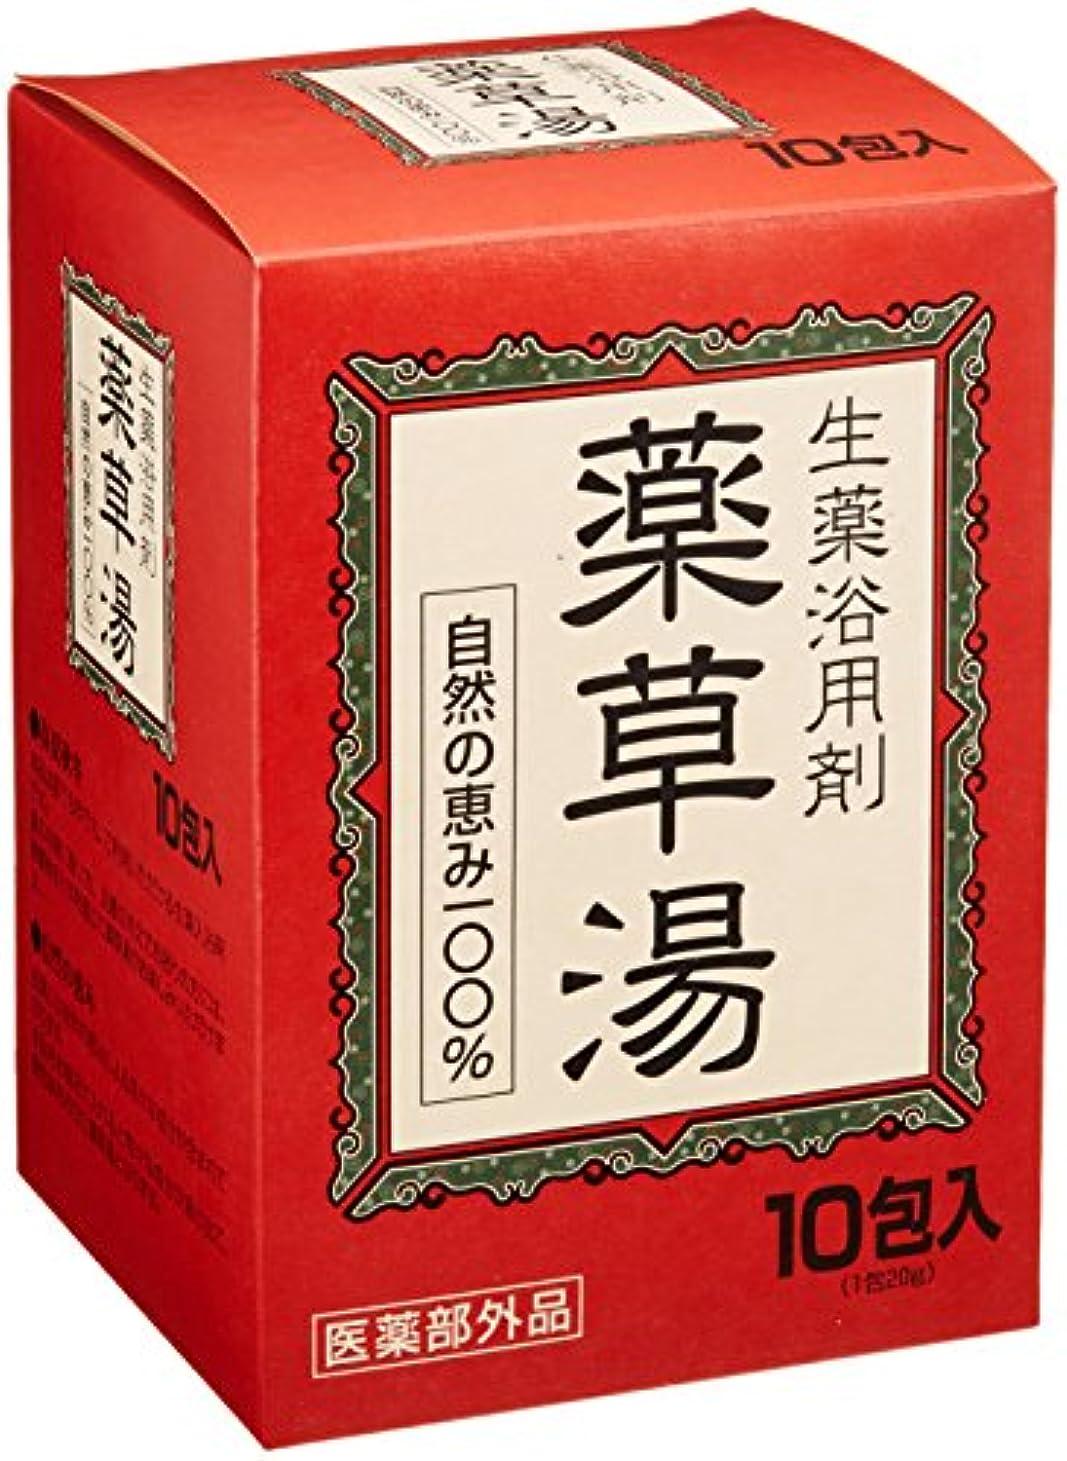 病ストレス体操選手生薬浴用剤 薬草湯 10包